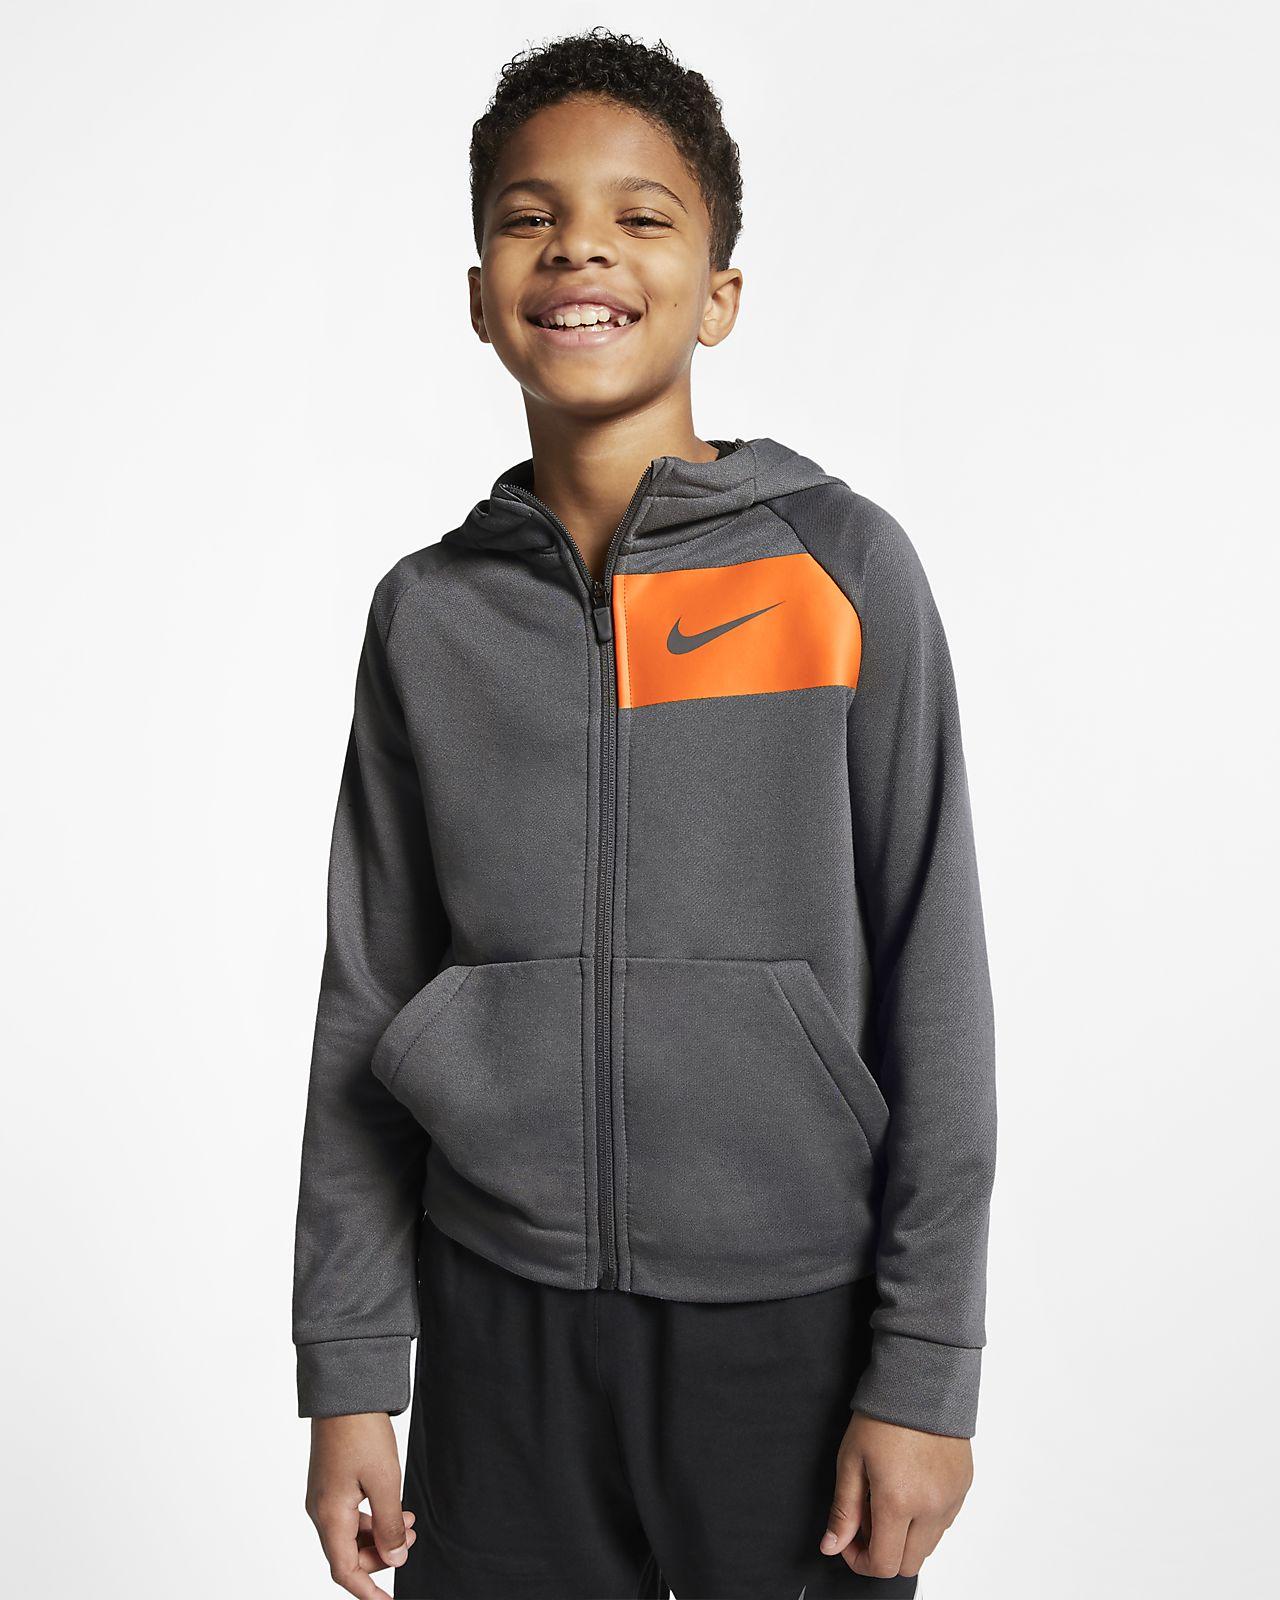 Sudadera con capucha de entrenamiento con cierre completo para niños talla grande Nike Dri-FIT